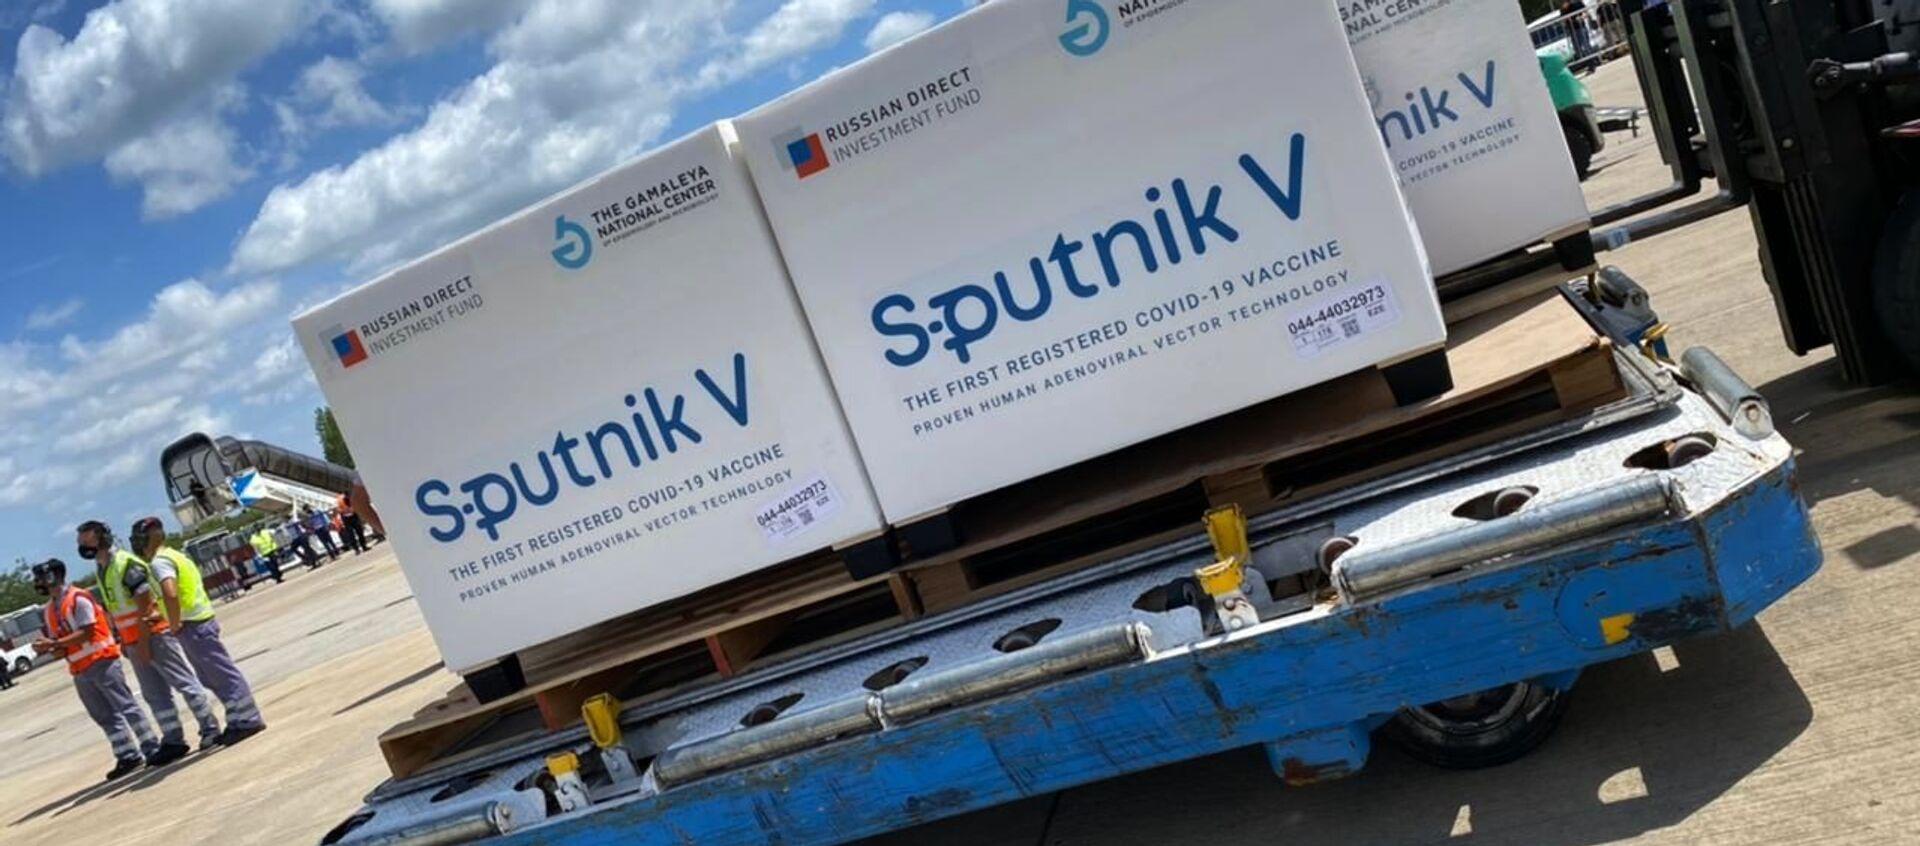 Ruská vakcína Sputnik V dorazila do Buenos Aires - Sputnik Česká republika, 1920, 17.02.2021